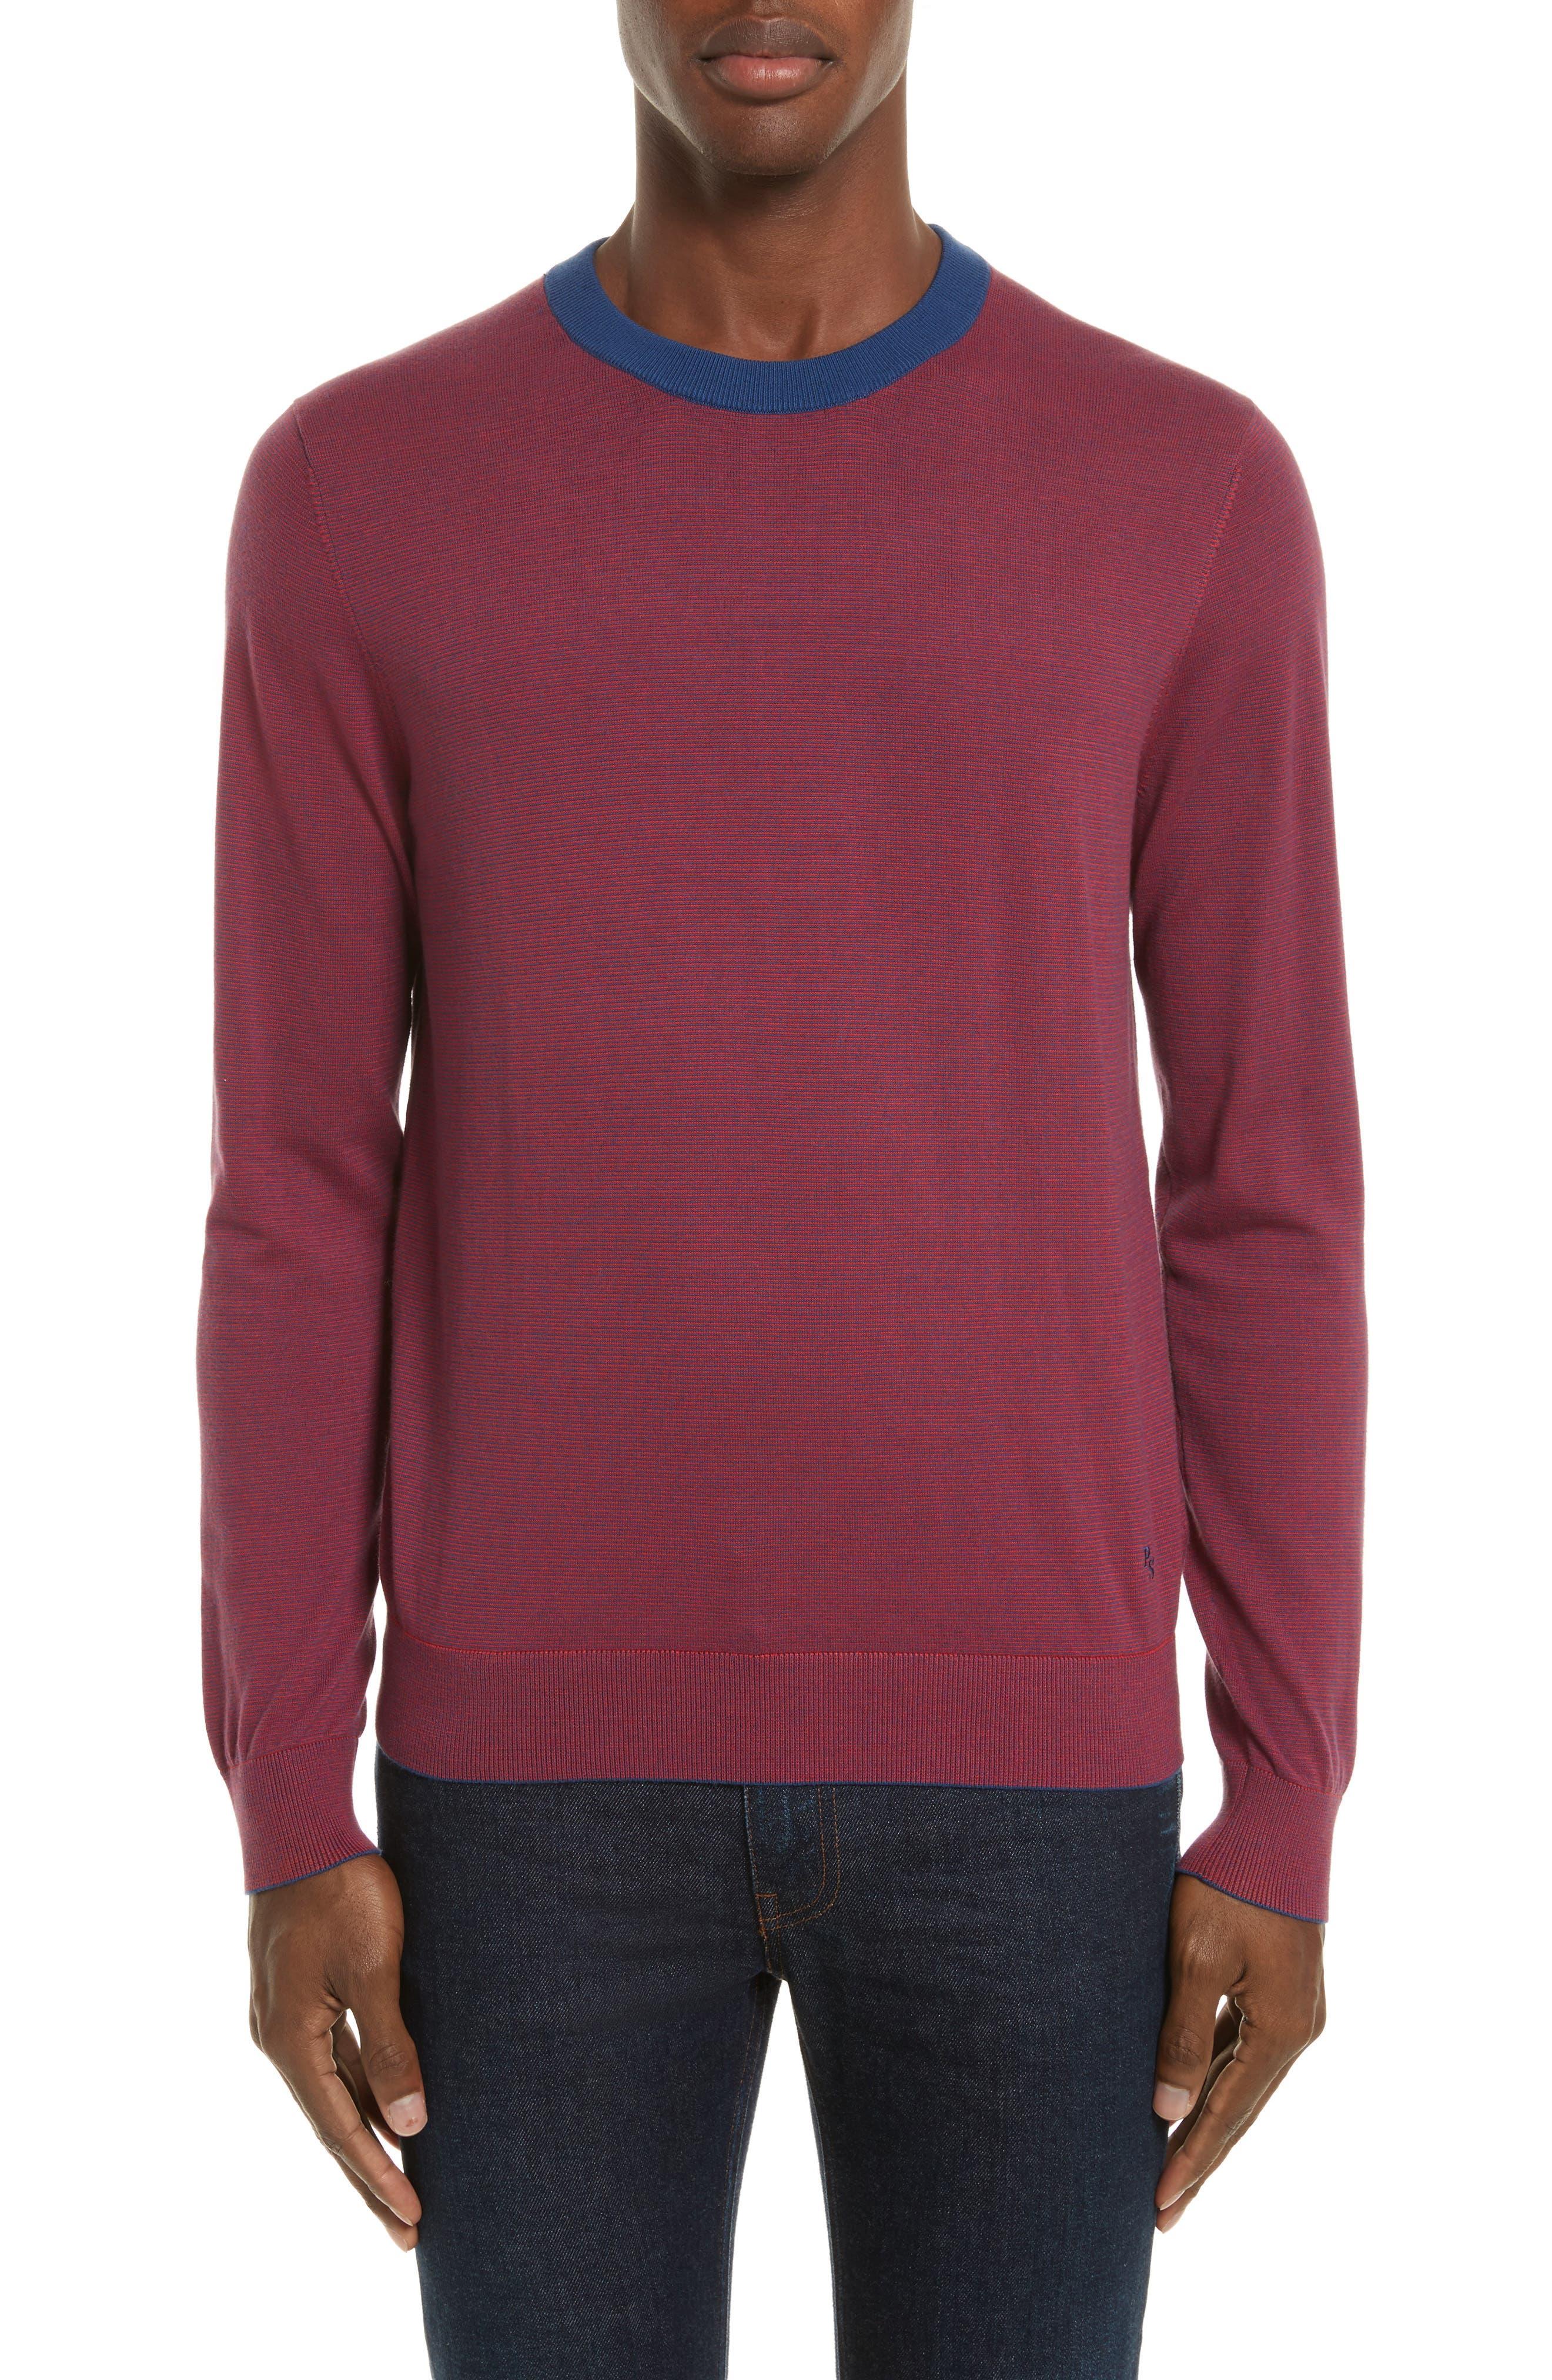 Ministripe Crewneck Sweater,                         Main,                         color, 415